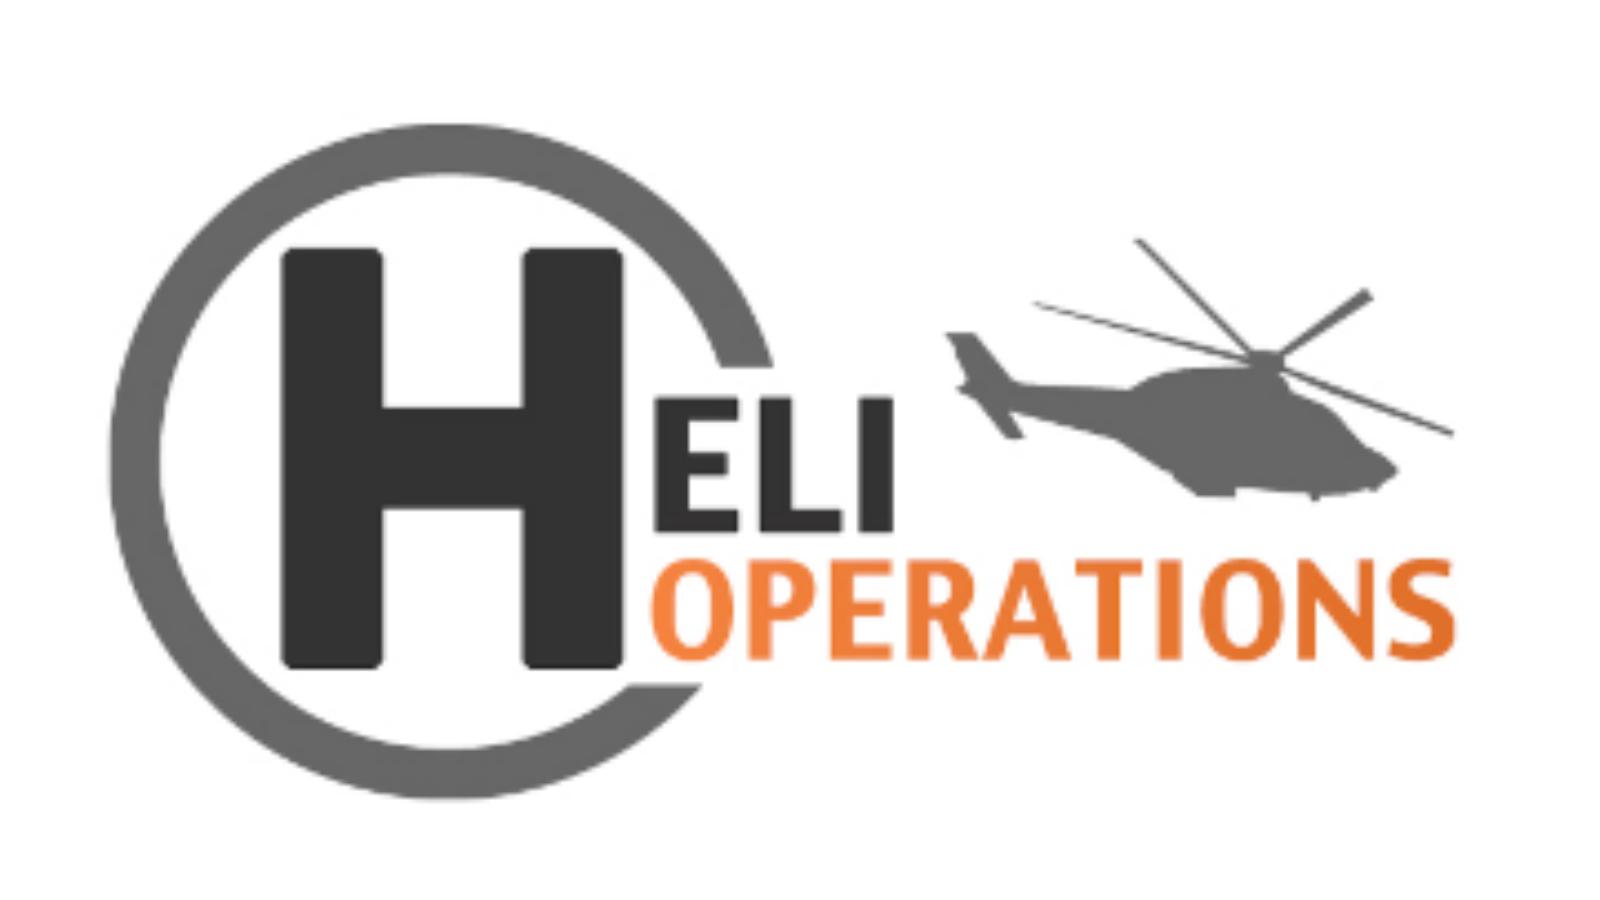 heli-operations-thumb